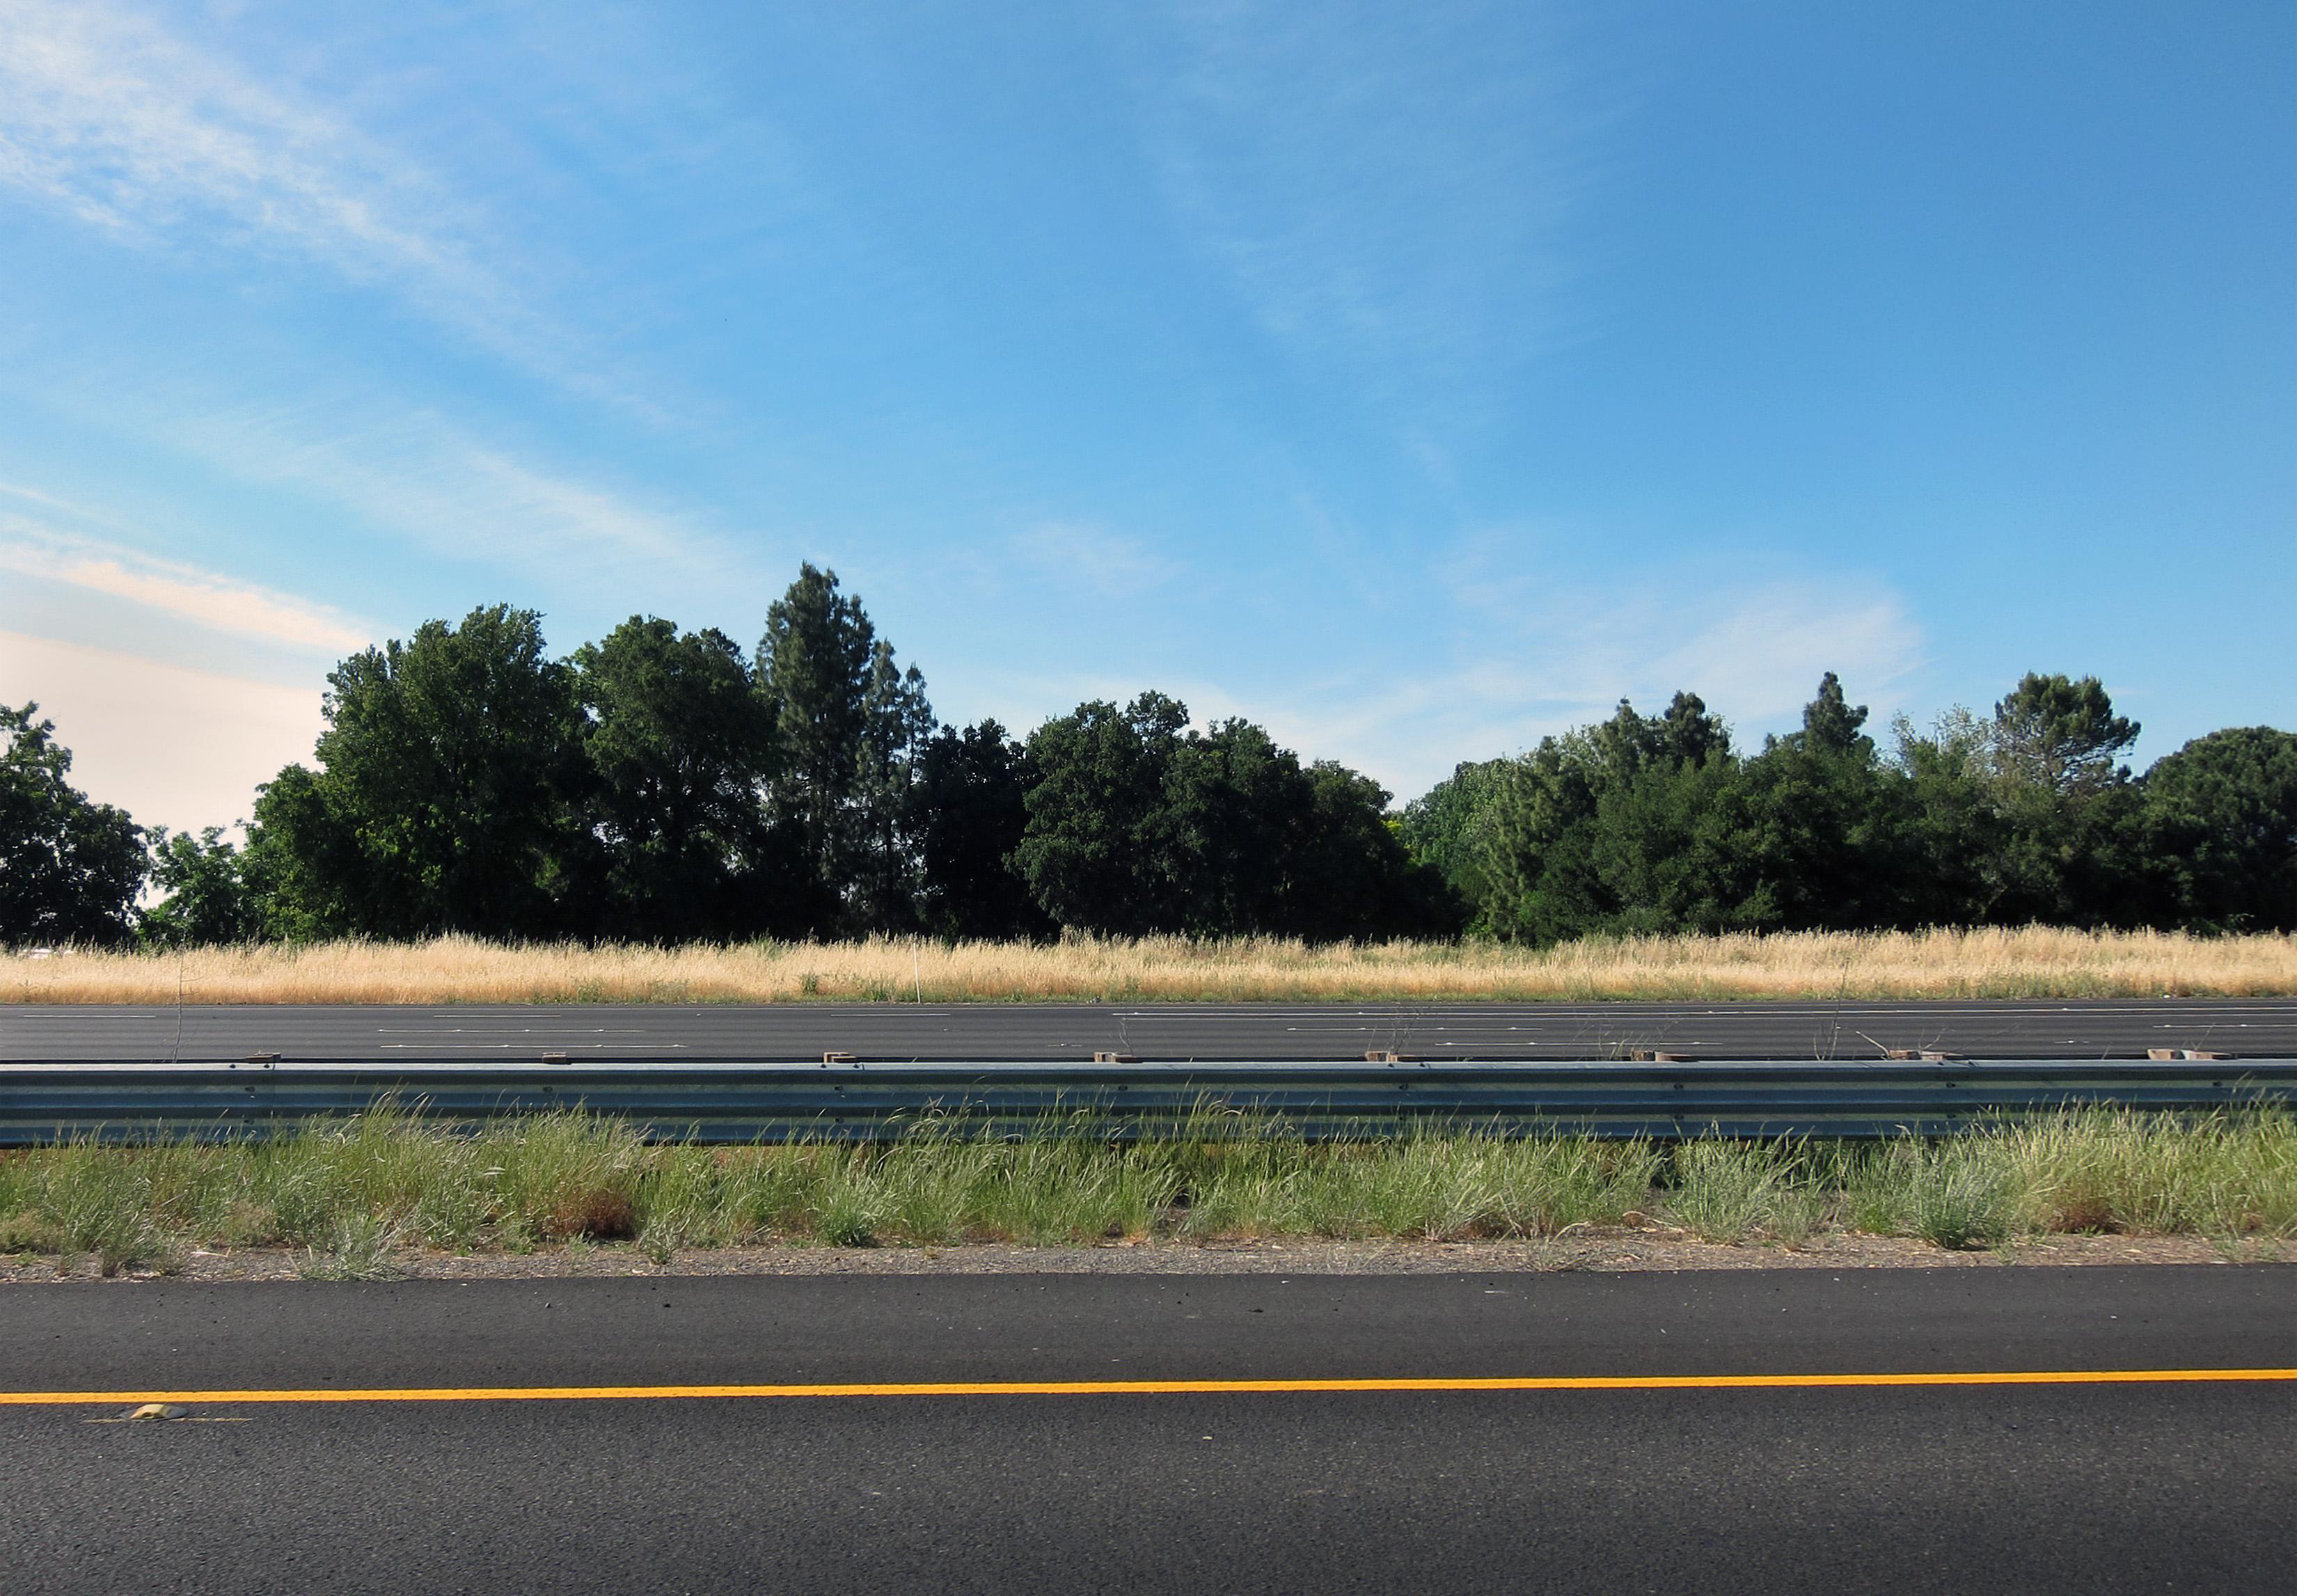 картинки дорога слева на права всего